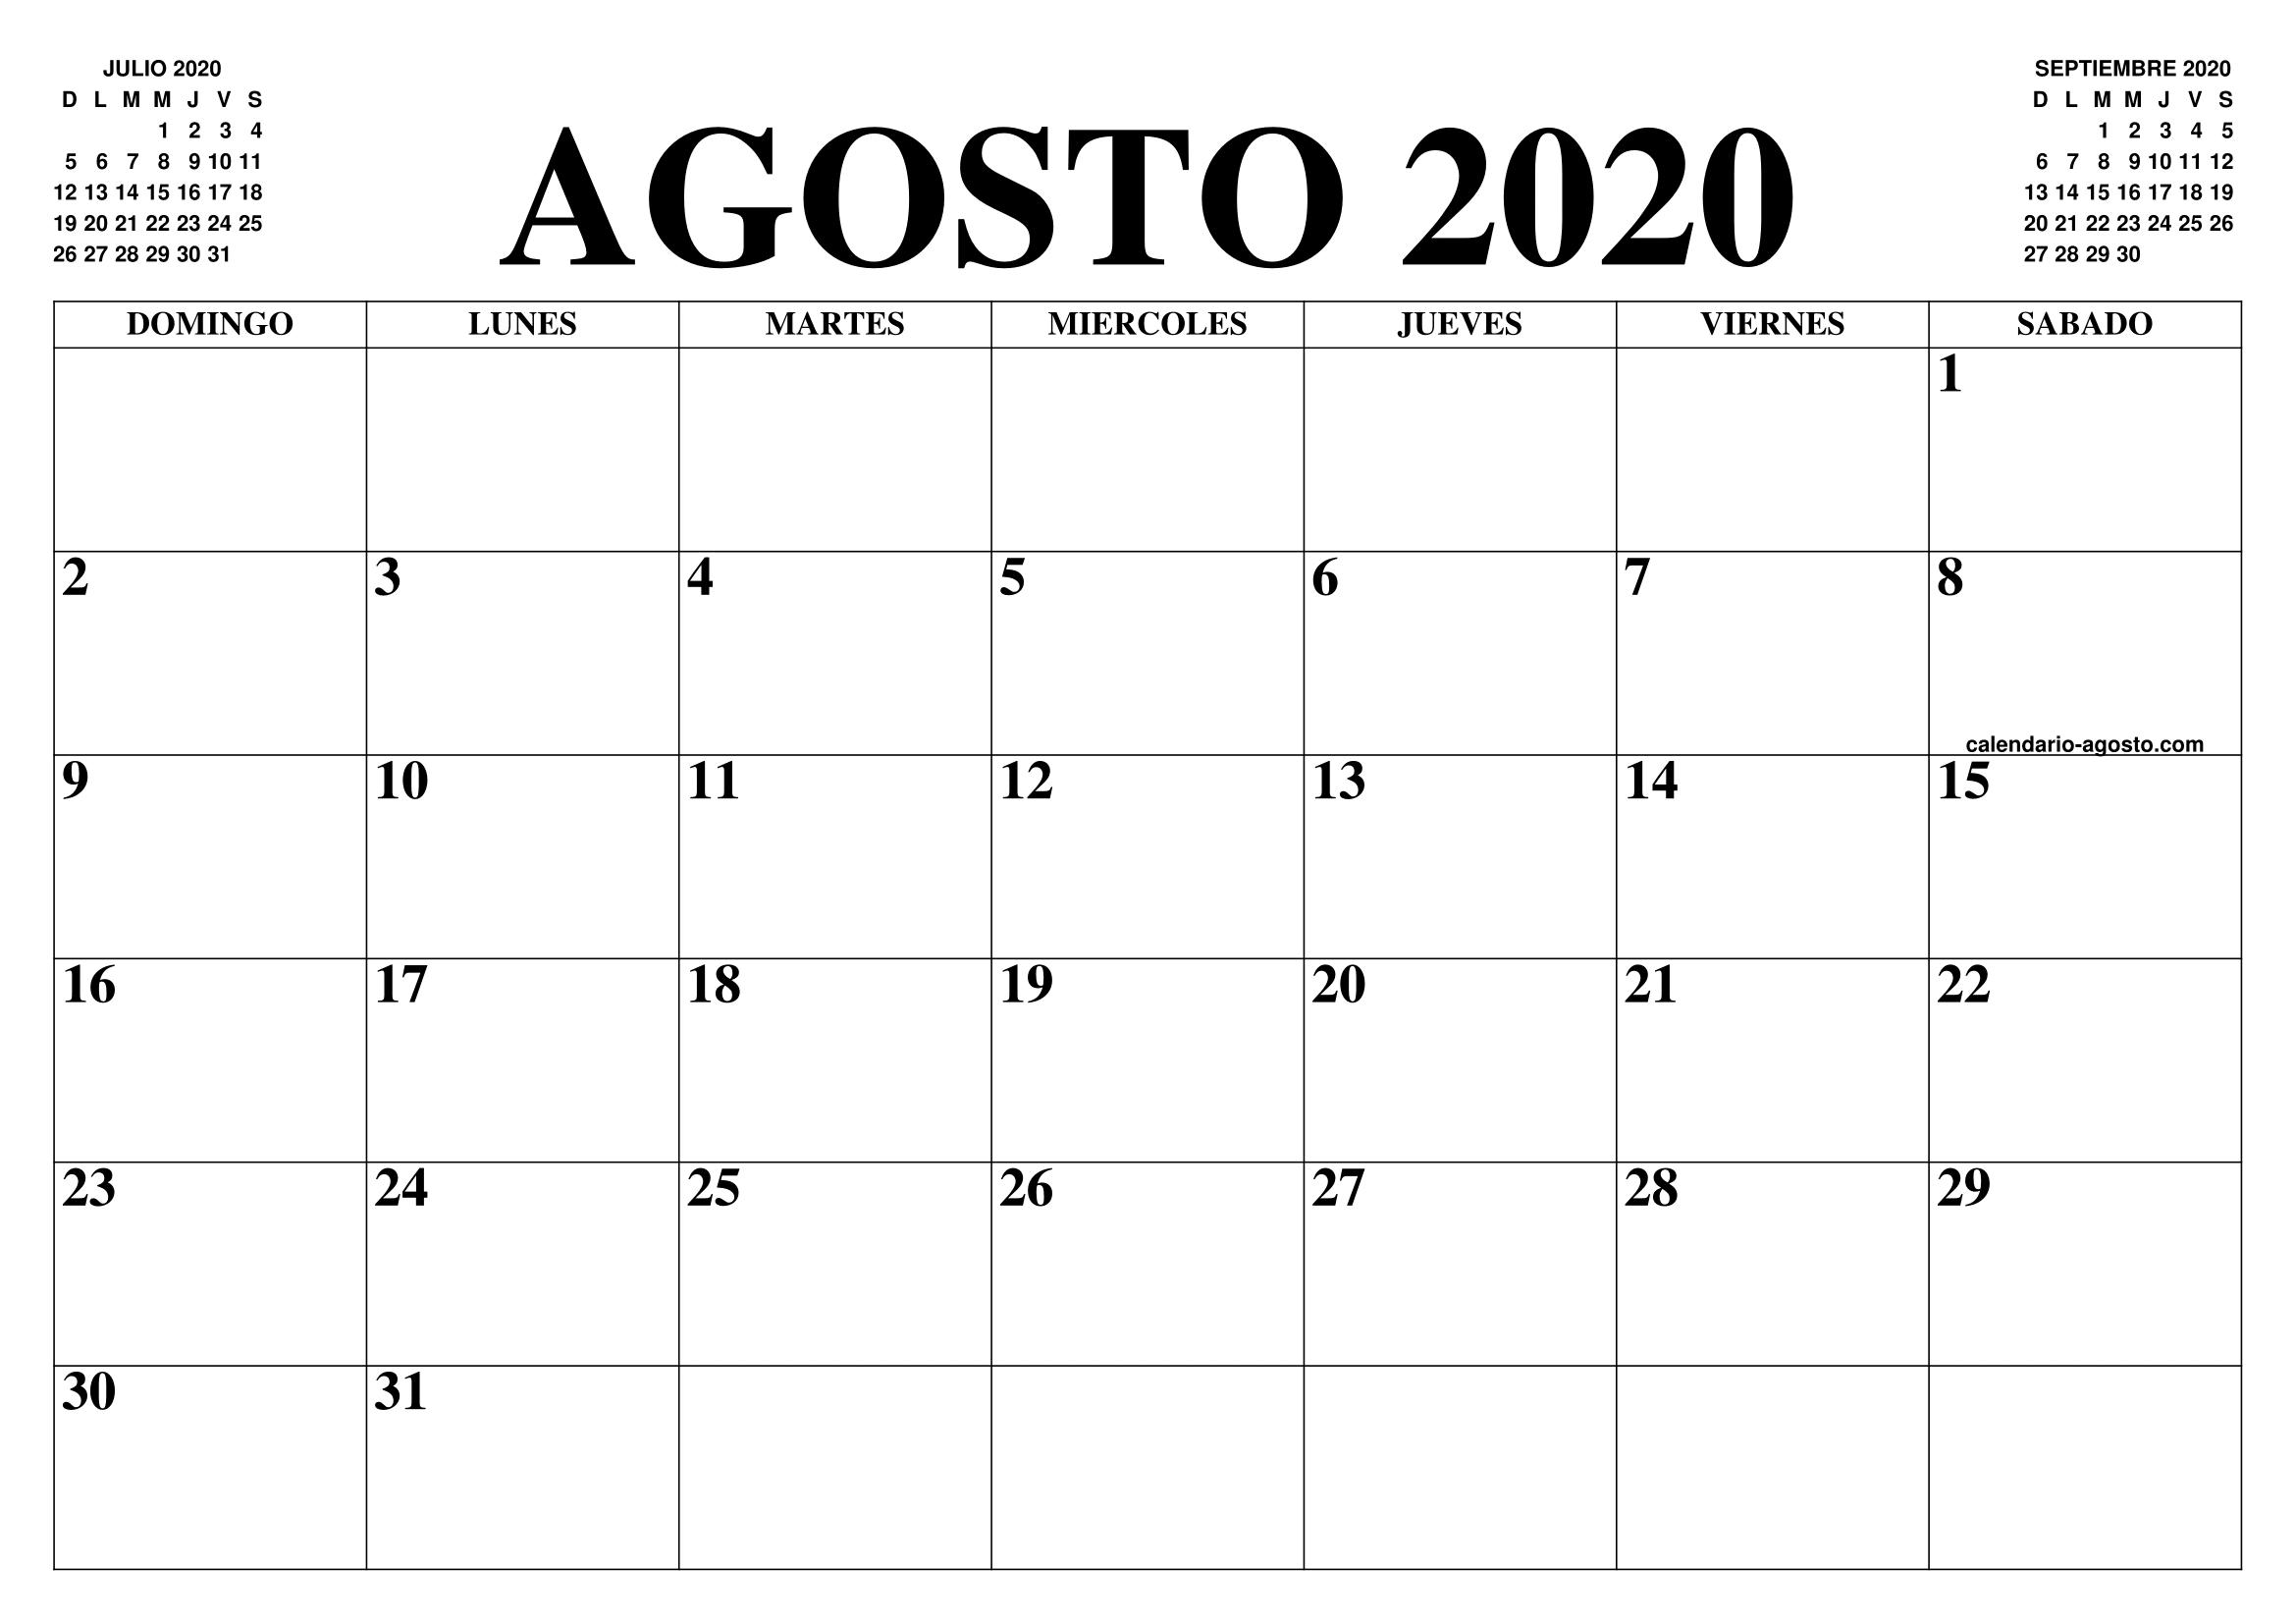 Calendario Agosto 2020.Calendario Agosto 2020 El Calendario Agosto Para Imprimir